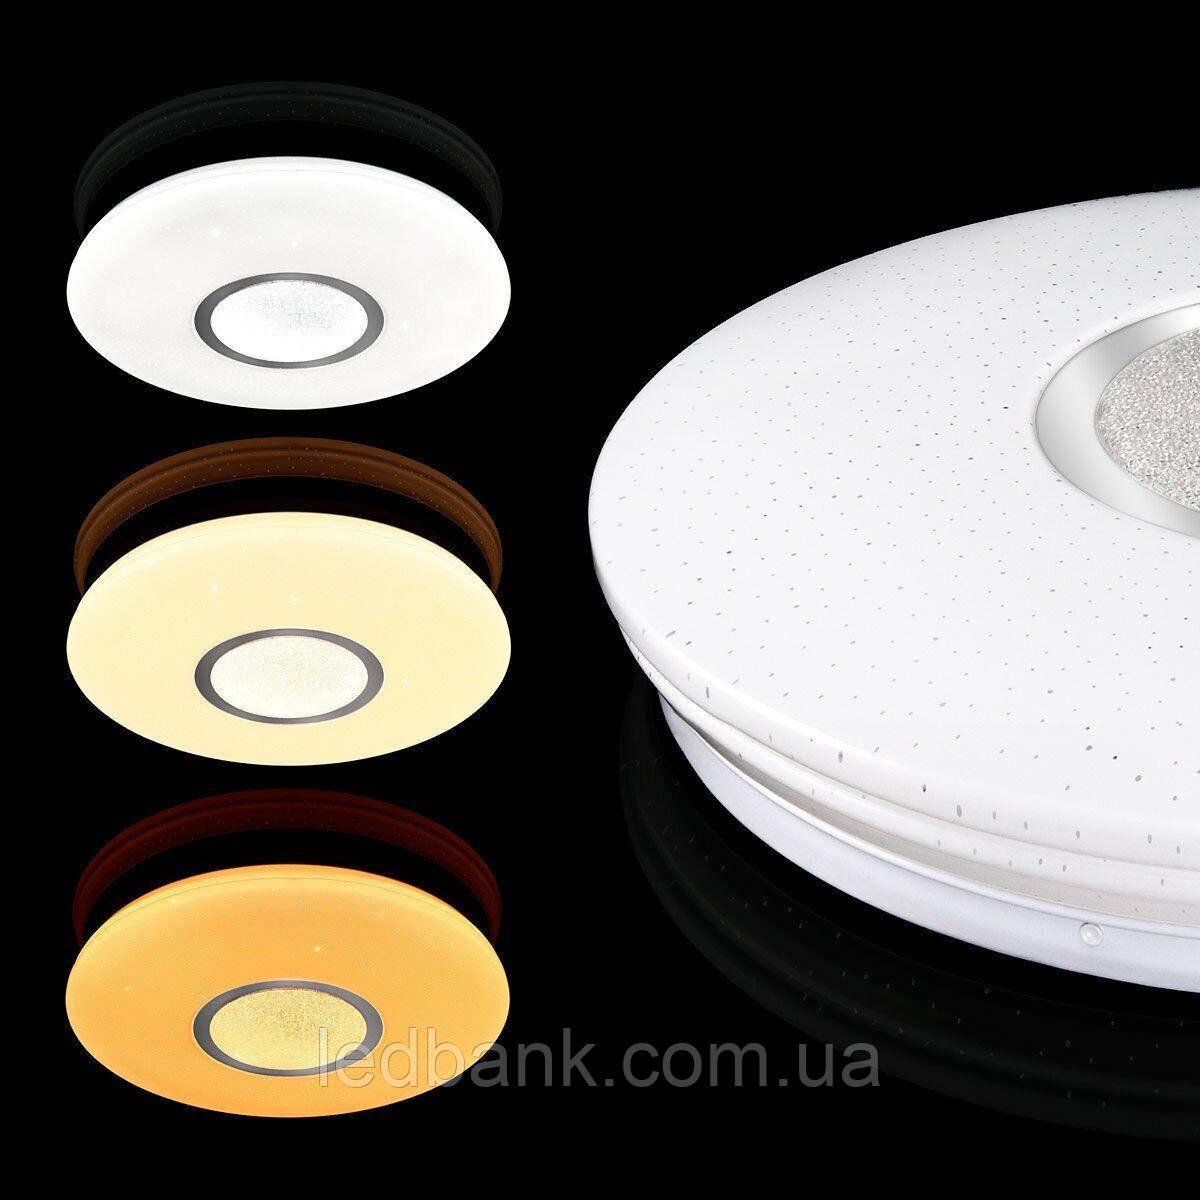 Светодиодный светильник SMART SML-R07-80 3000-6000K 80Вт Biom с пультом